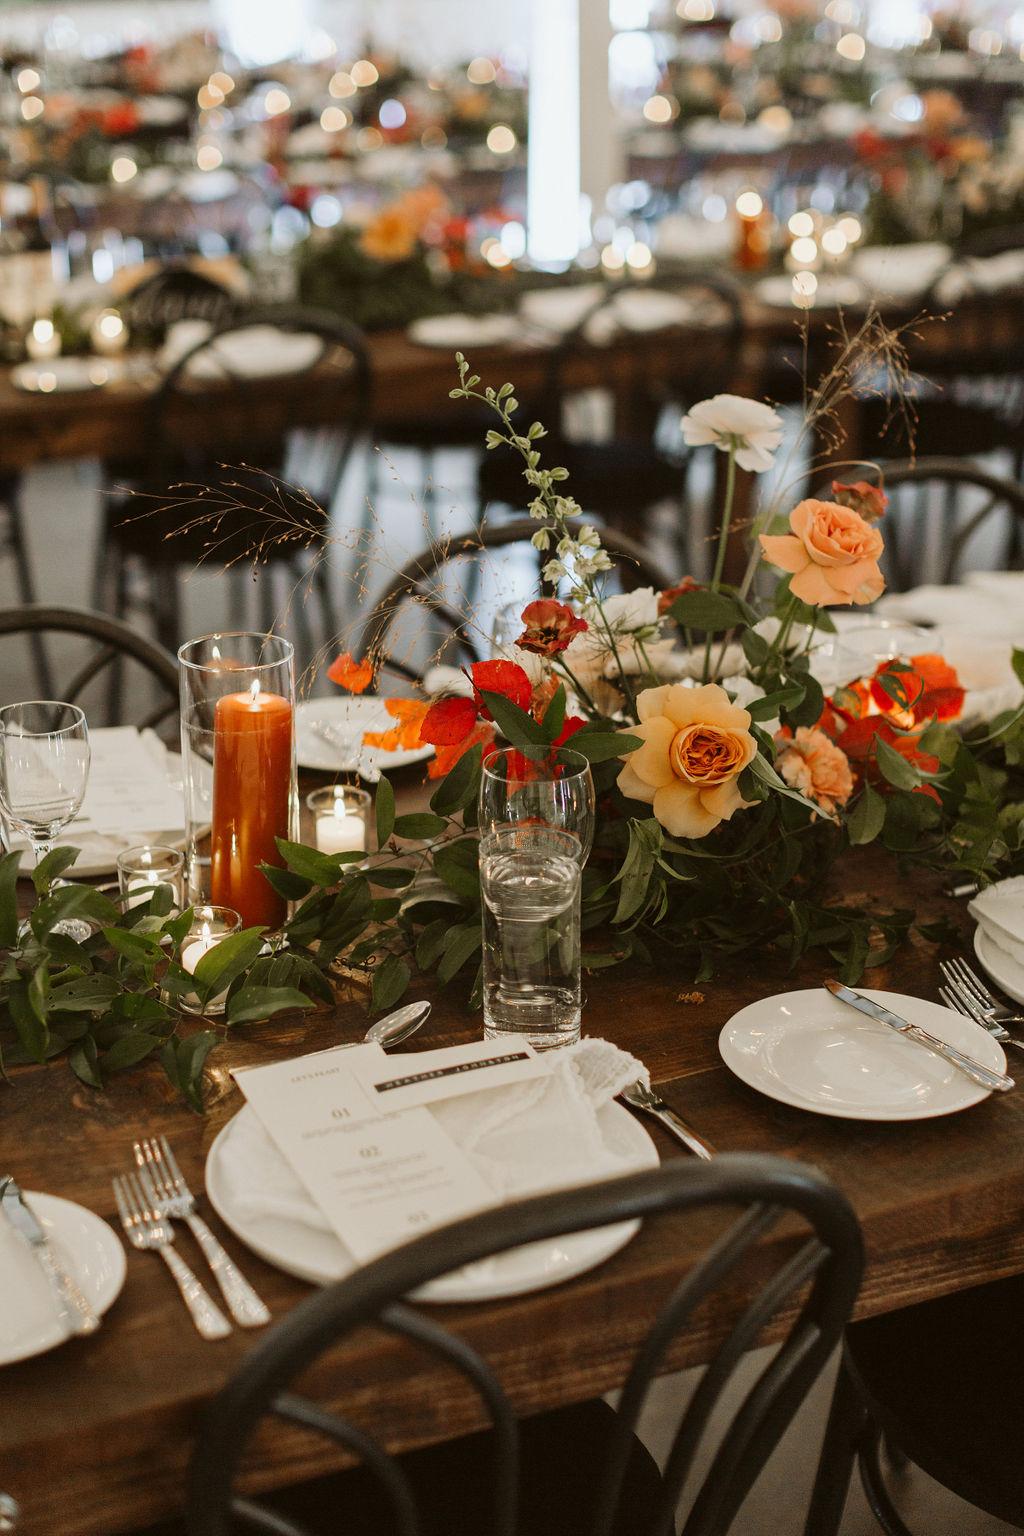 kristina+ryan_toronto+winter+wedding-643.jpg